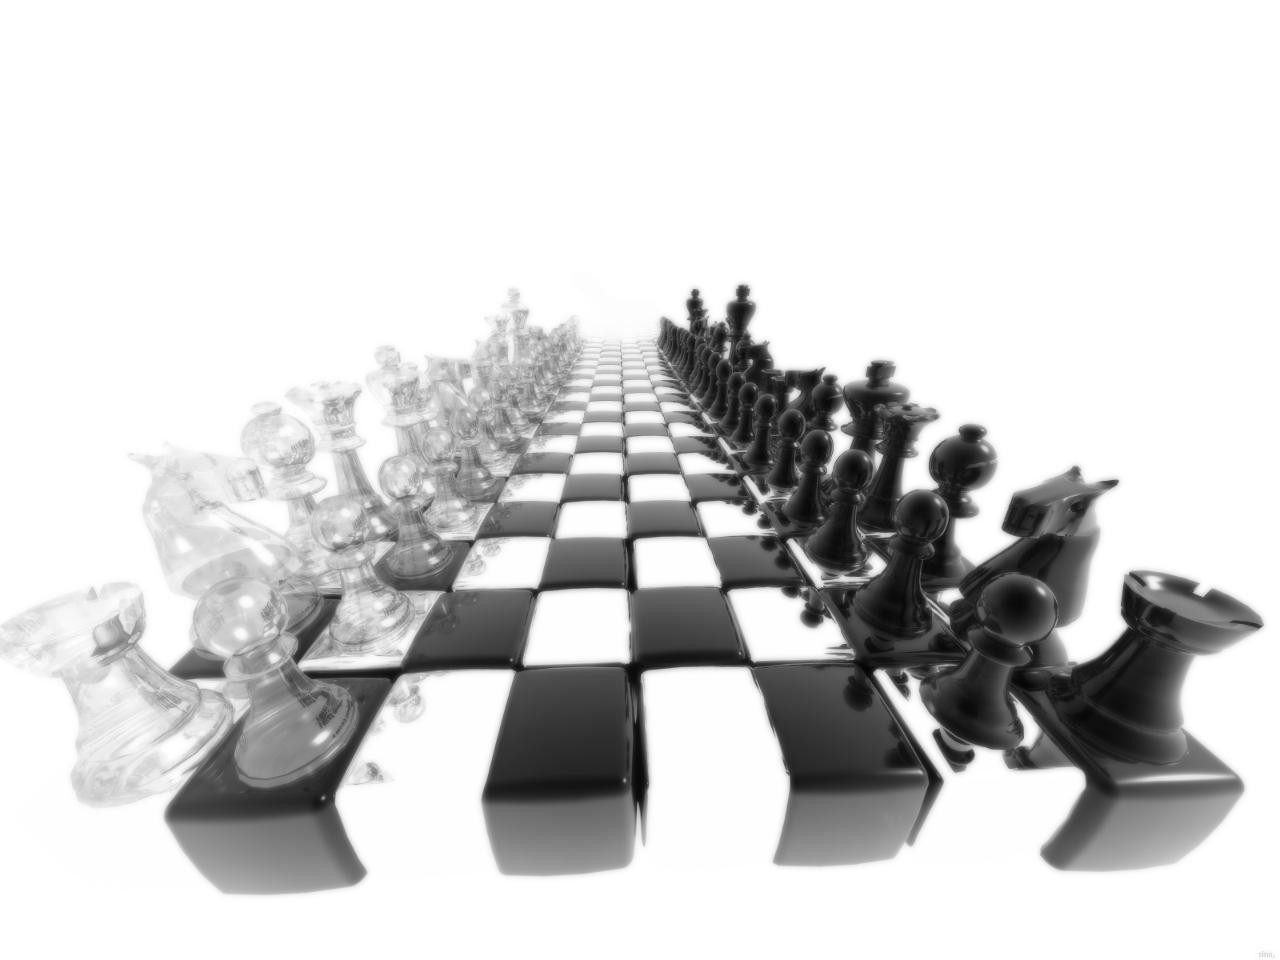 WALLPAPER VIEWS 3d chess wallpapers 3d welpaper free wallpaper